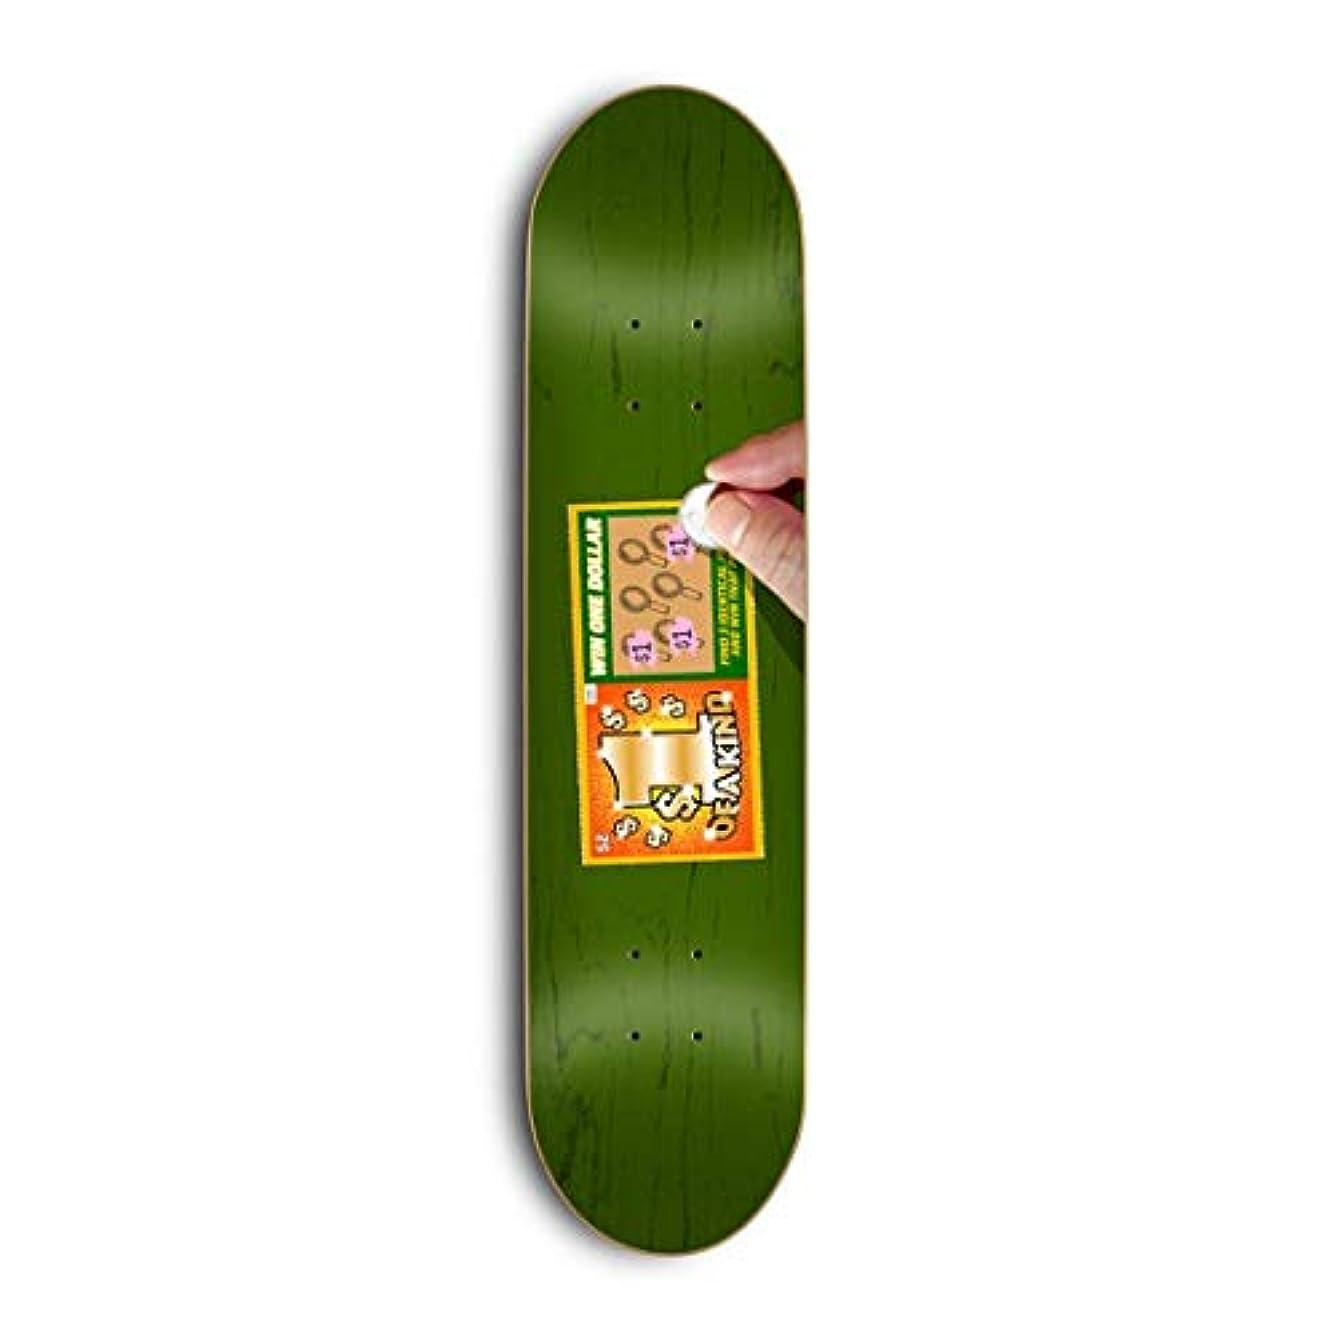 スラック魔女過度にSkate Mental スケートボードデッキ Kleppan Scratcher 8.375インチ